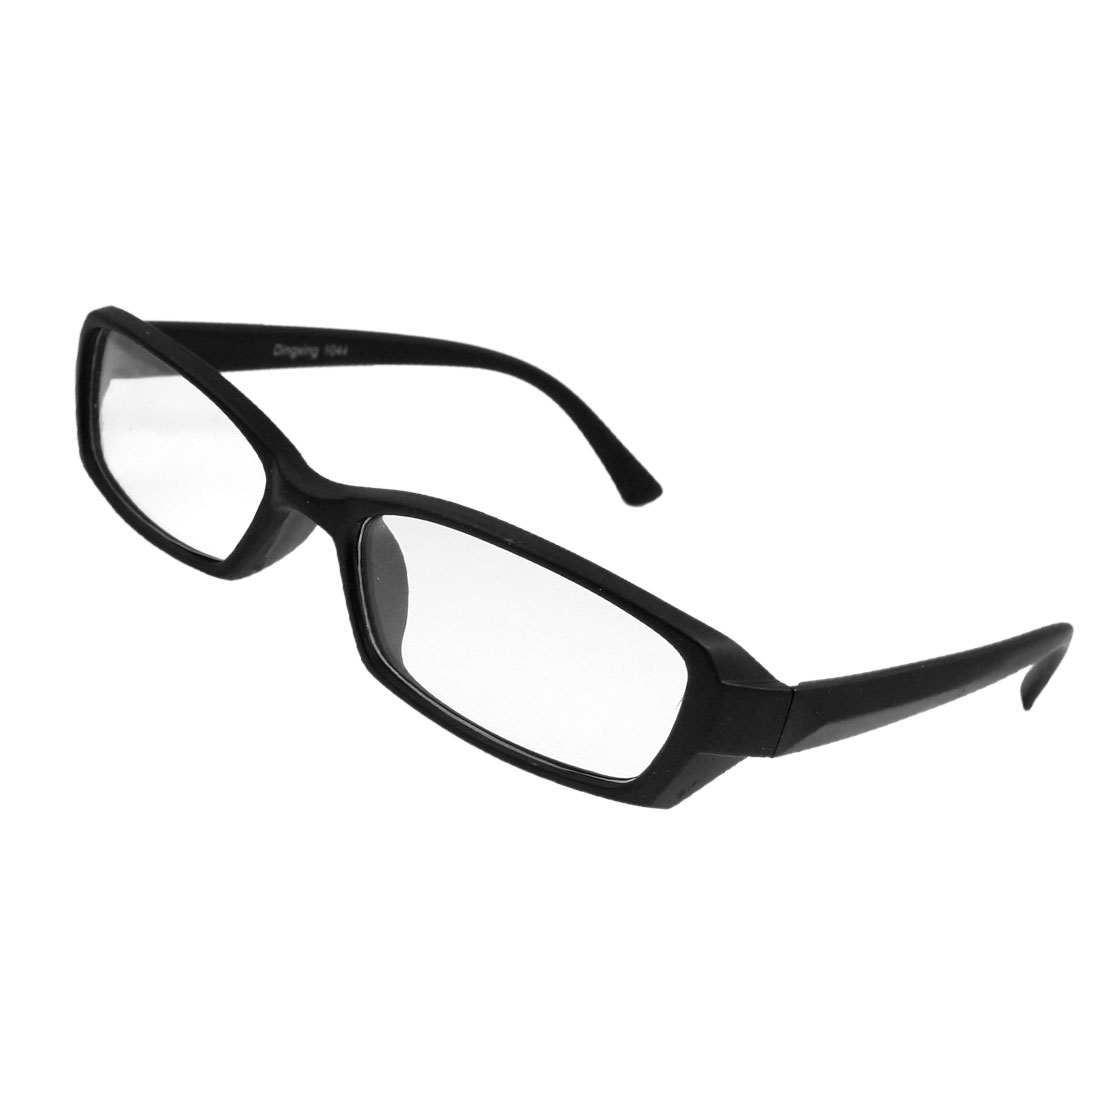 Lady Men Full Frame Plastic Black Arms Plain Glasses Spectacles